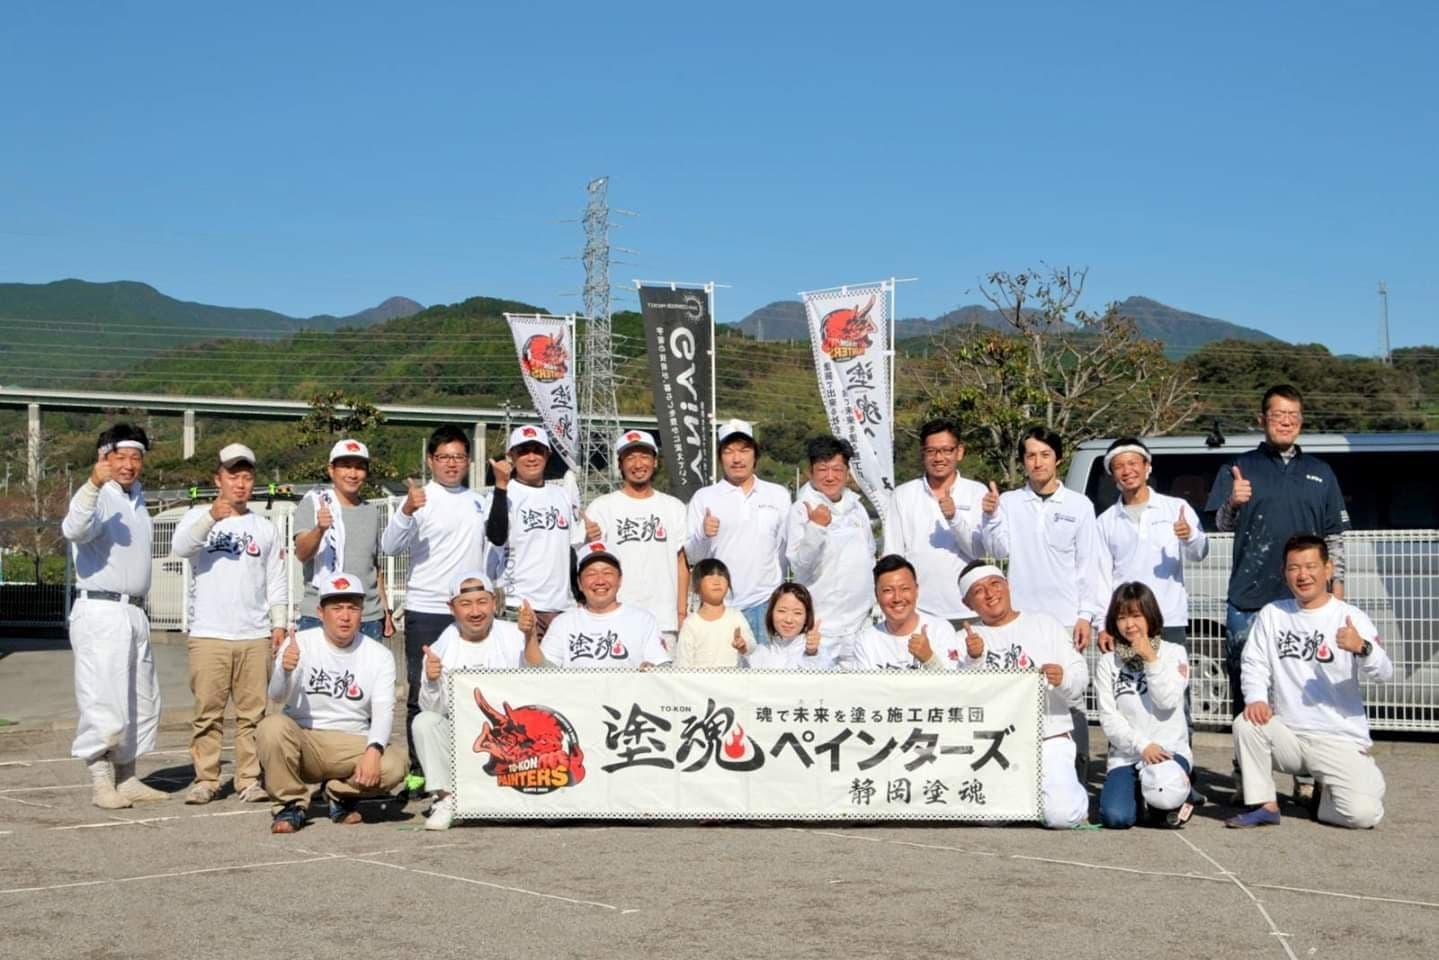 写真:イベント参加者の集合写真